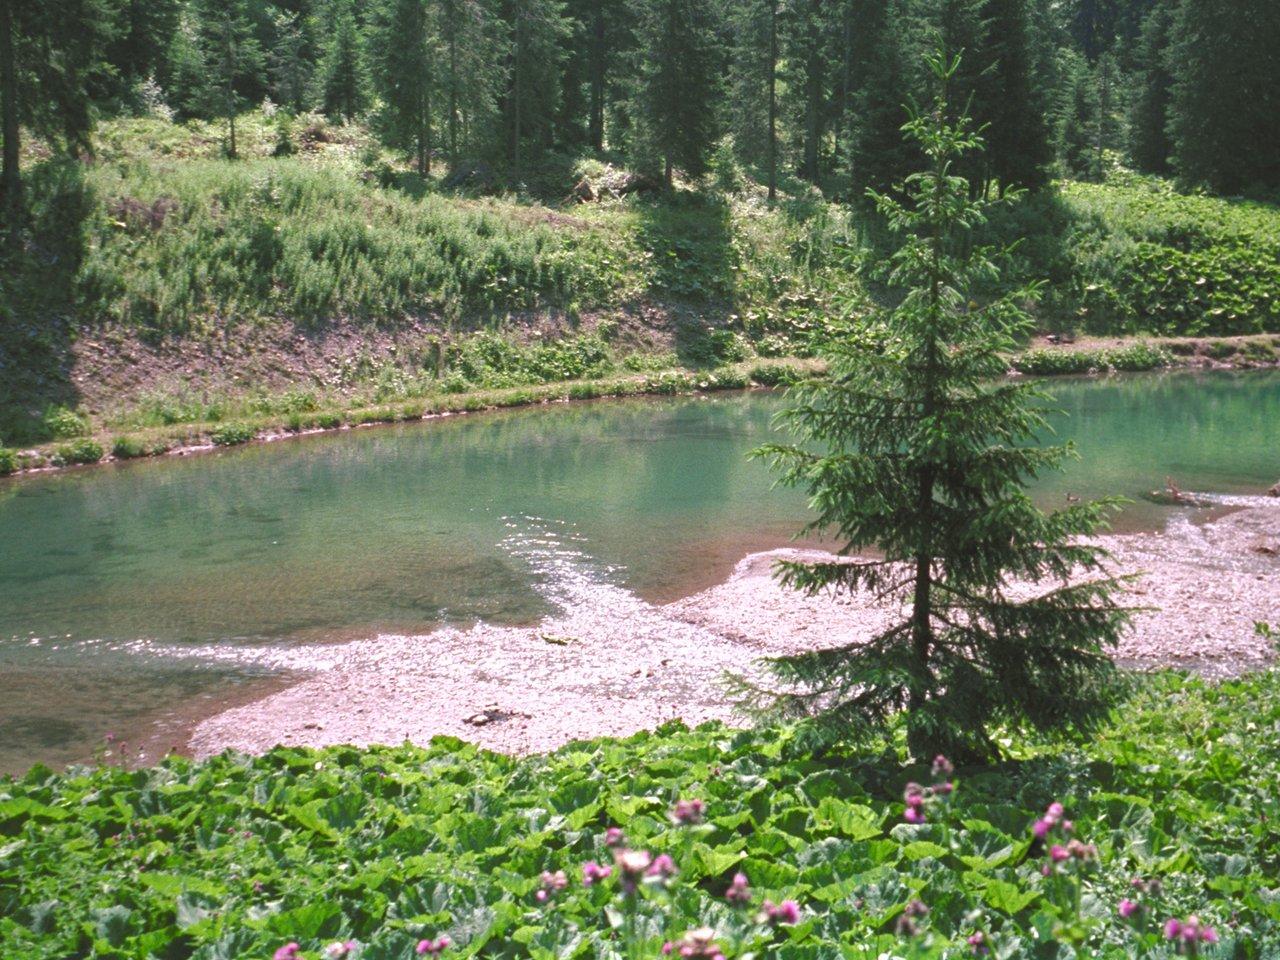 Rivière dans une forêt, monthey